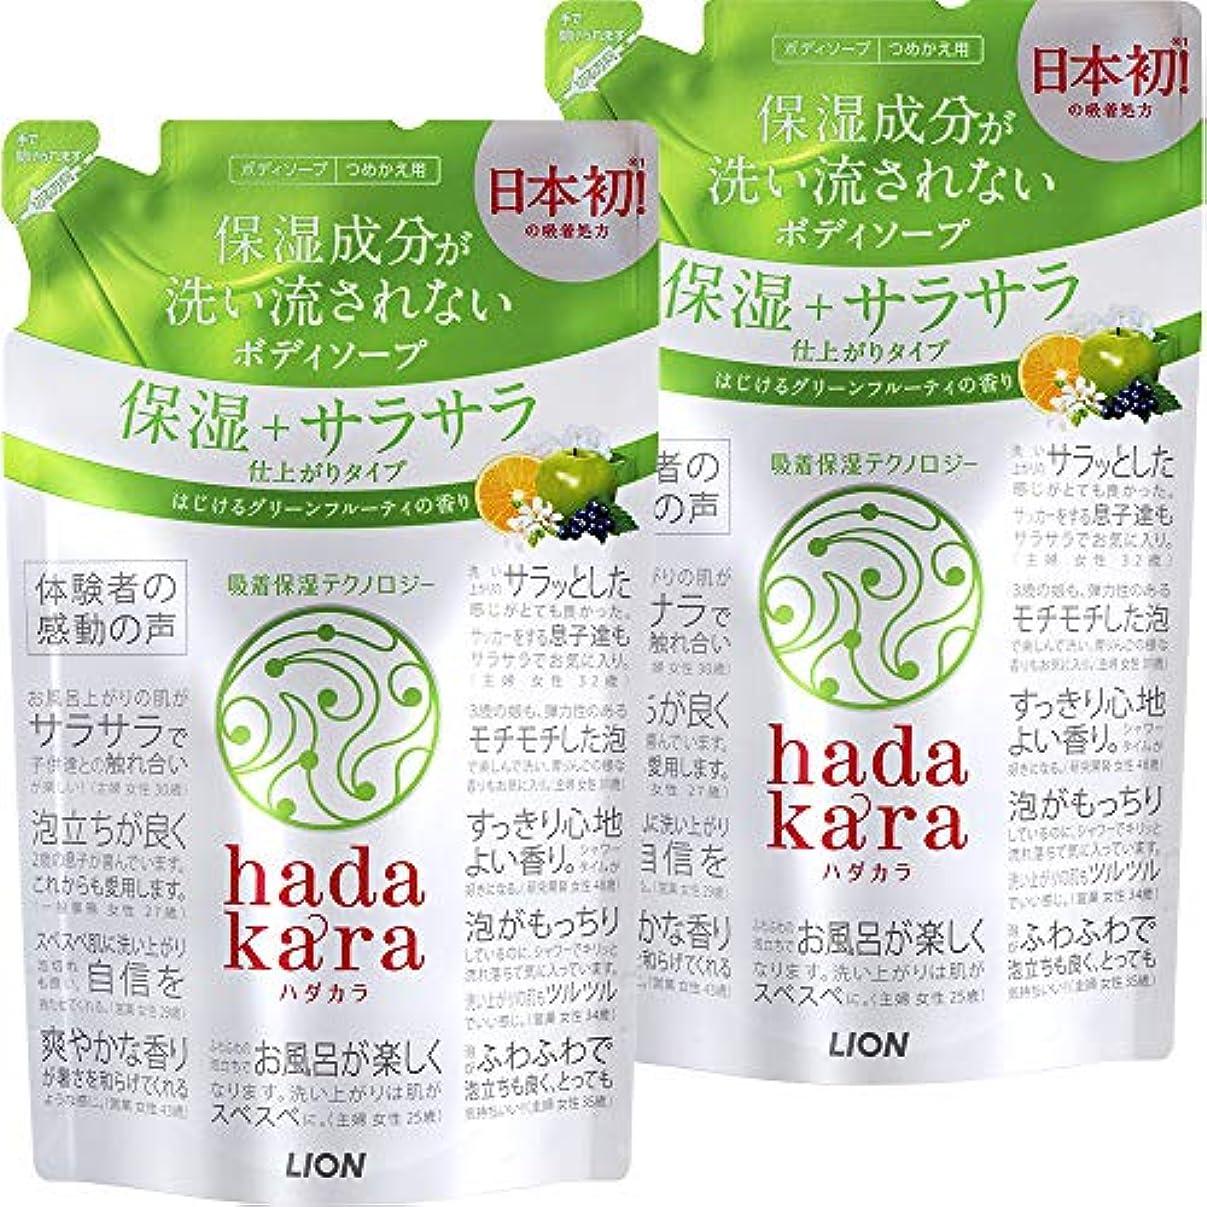 引き付けるホースフライカイト【まとめ買い】hadakara(ハダカラ) ボディソープ 保湿+サラサラ仕上がりタイプ グリーンフルーティの香り 詰め替え 340ml×2個パック